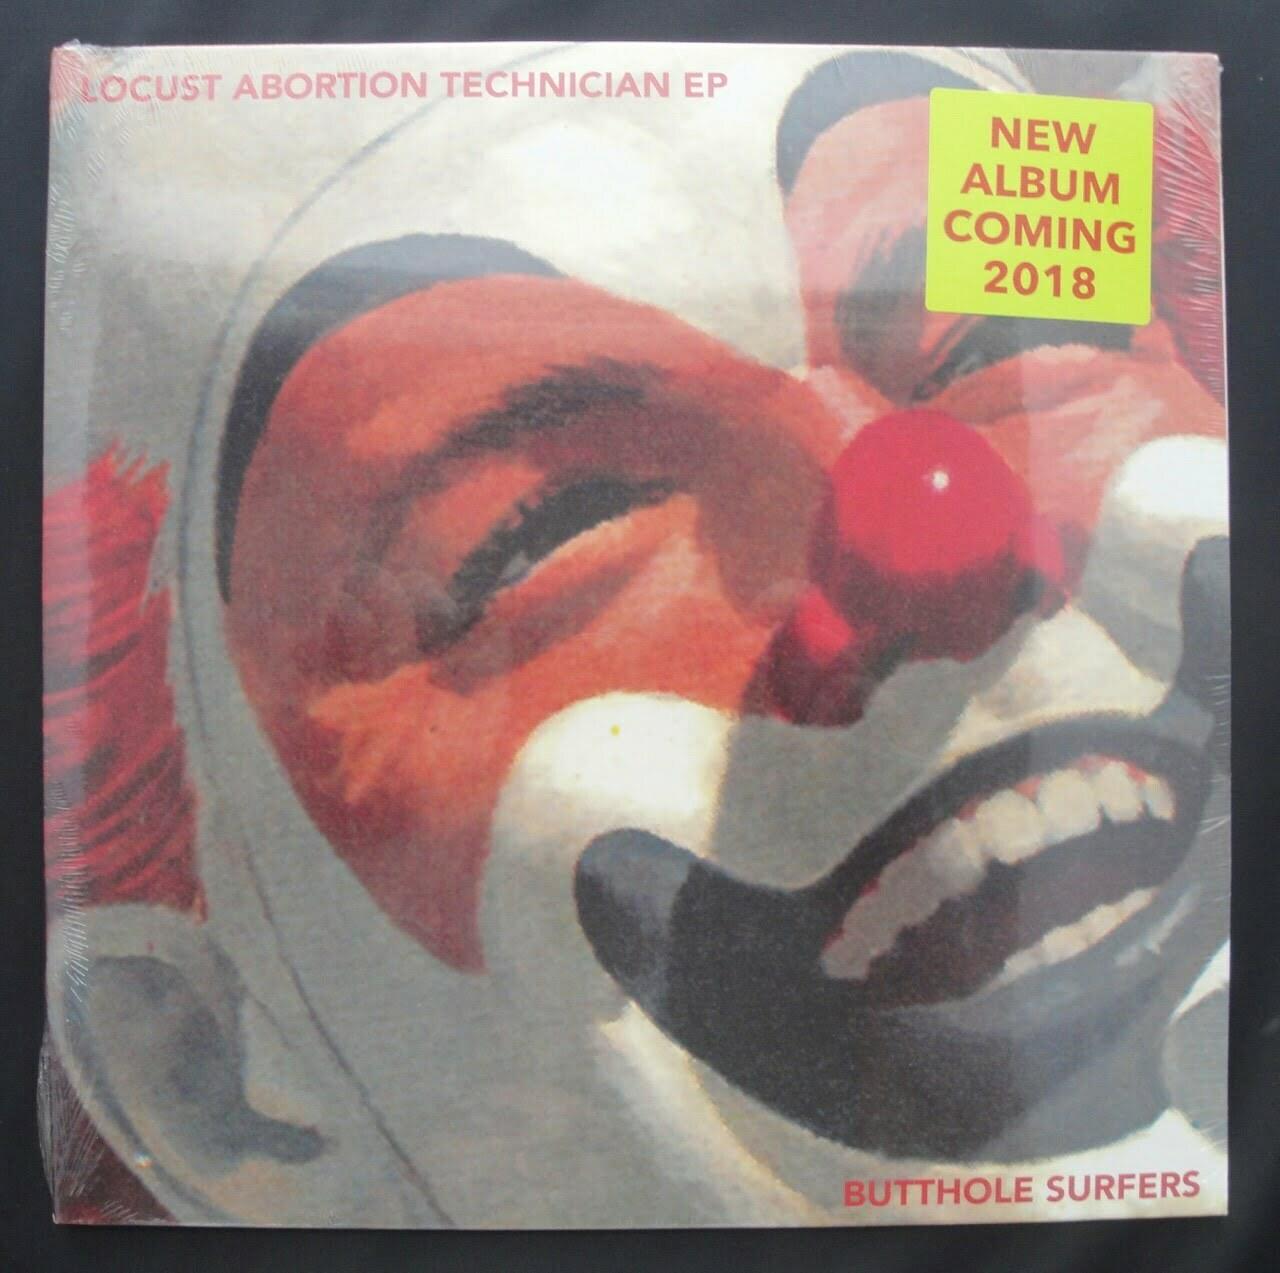 Butthole Surfers - Locust Abortion Technician - Vinyl EP, 2017